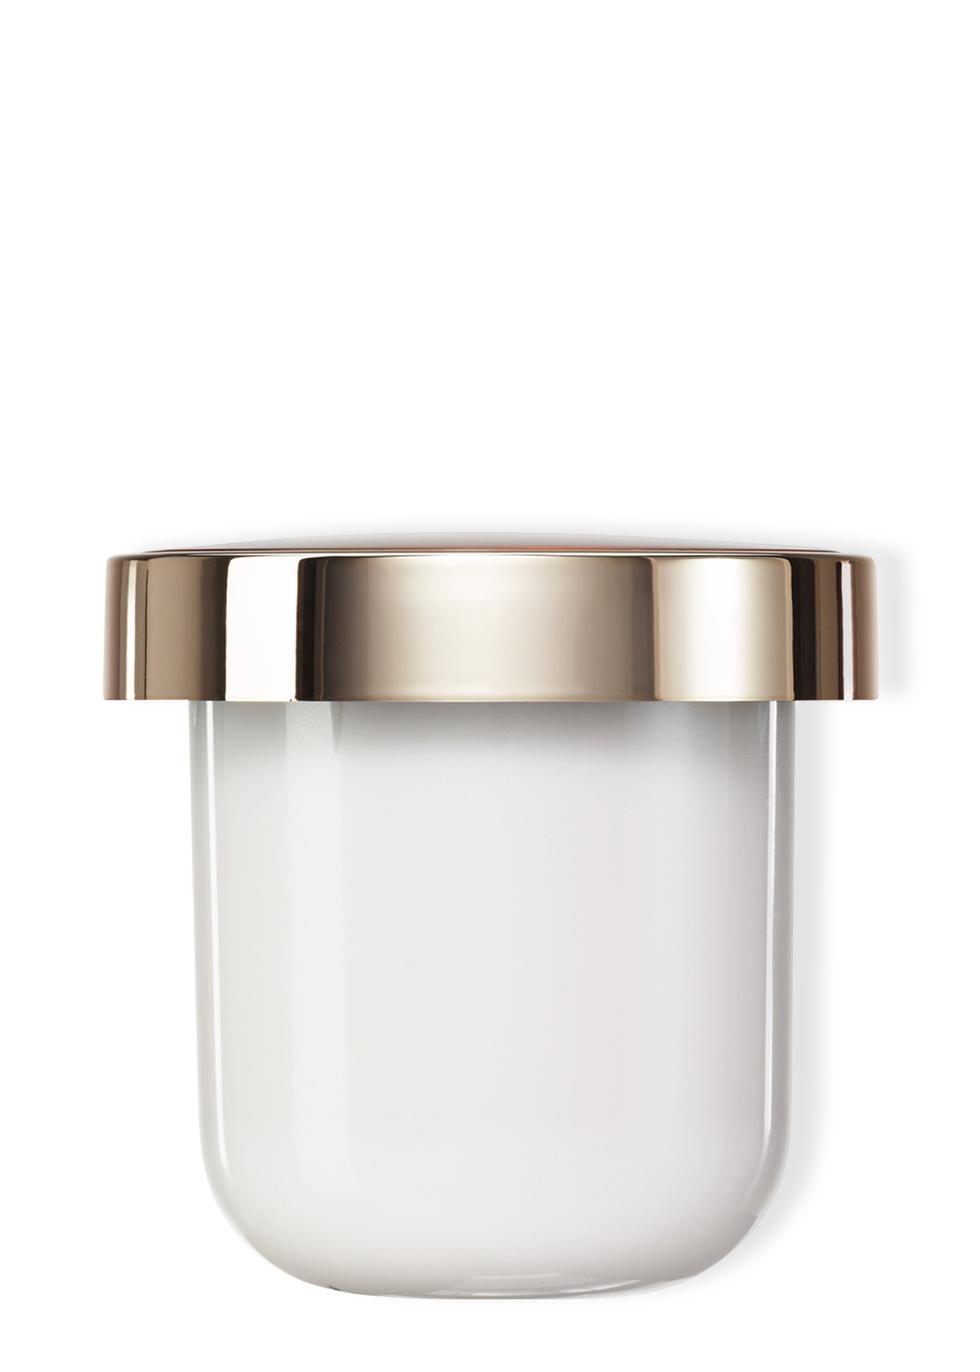 Dior Prestige La Crème Texture Riche Refill 50ml